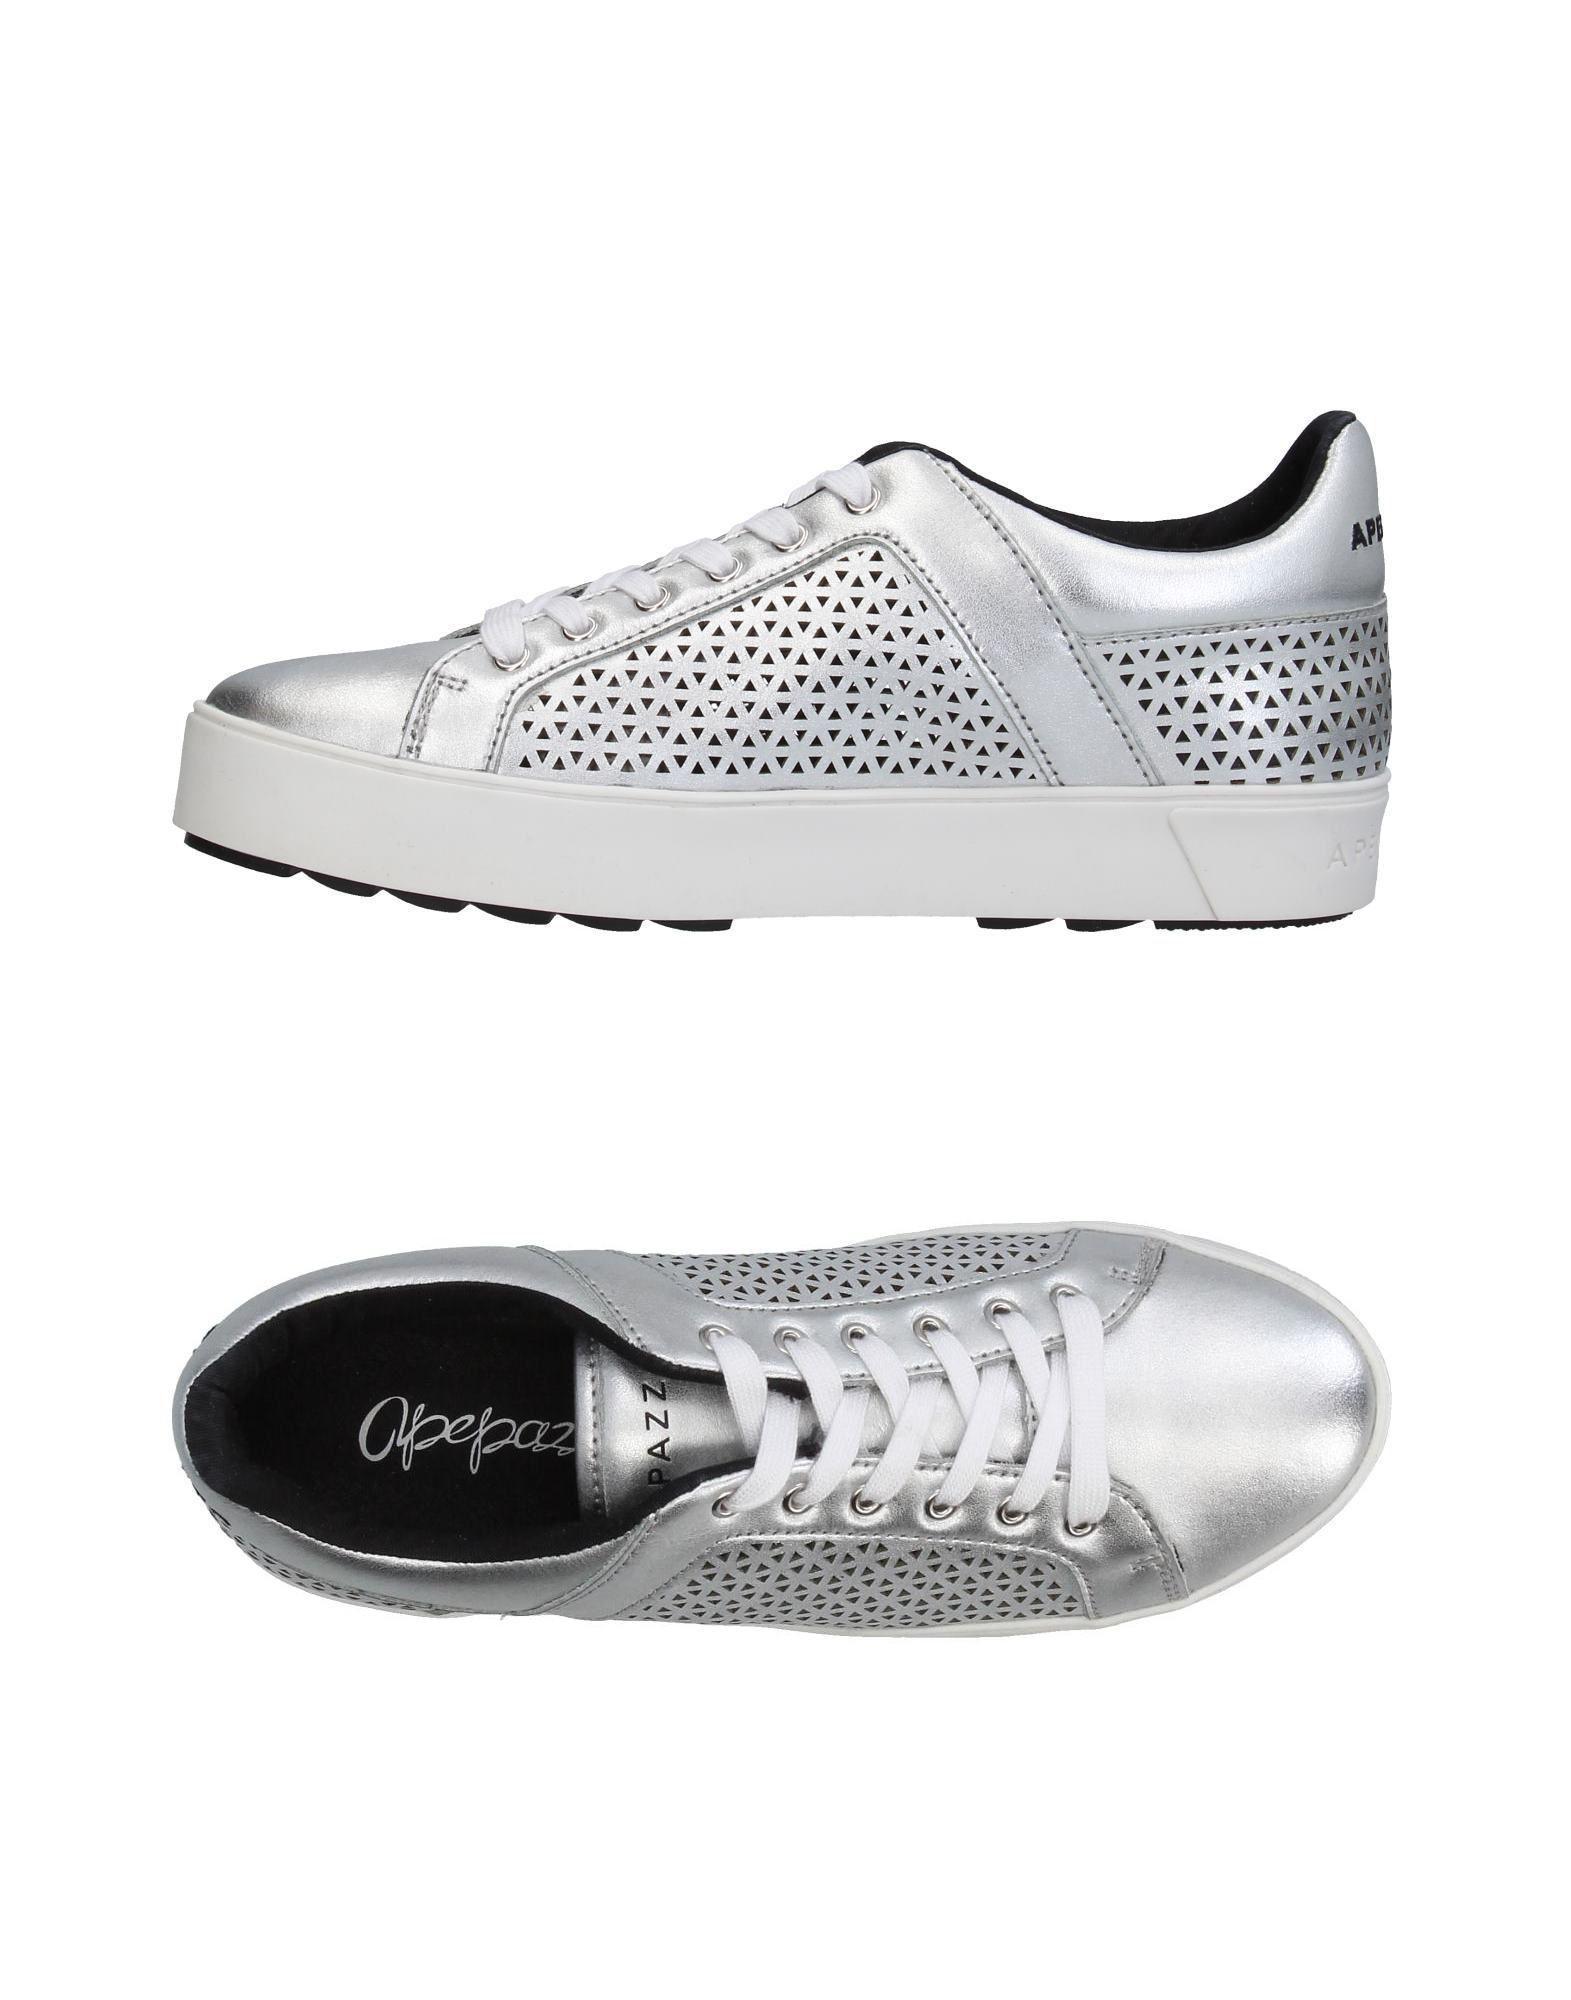 FOOTWEAR - Low-tops & sneakers Apepazza QE3Gu